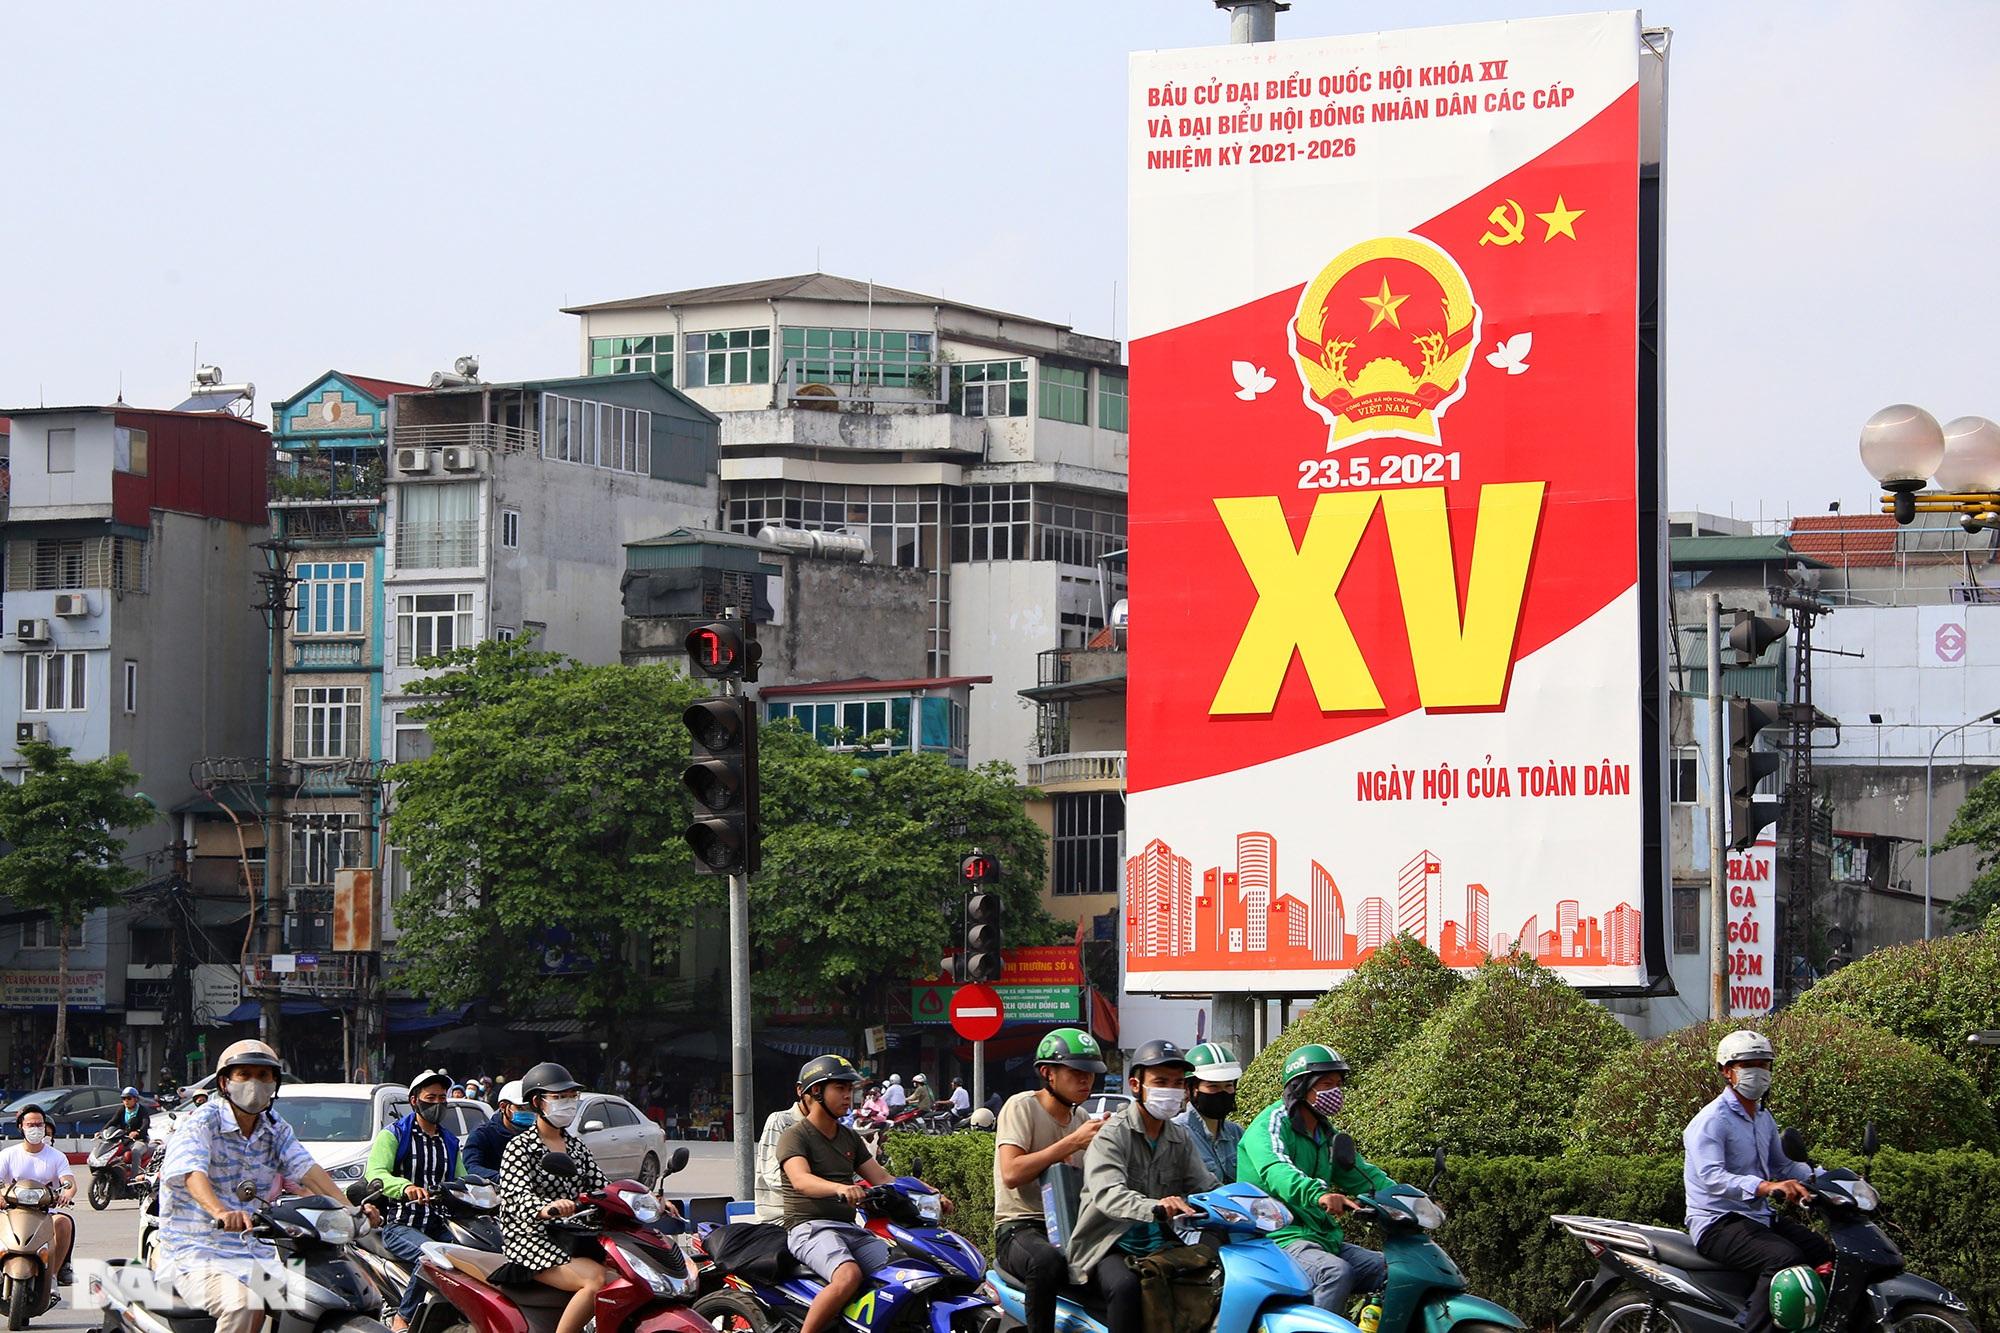 Hà Nội trang trí đường phố chào mừng cuộc bầu cử Đại biểu Quốc hội khóa XV - 1